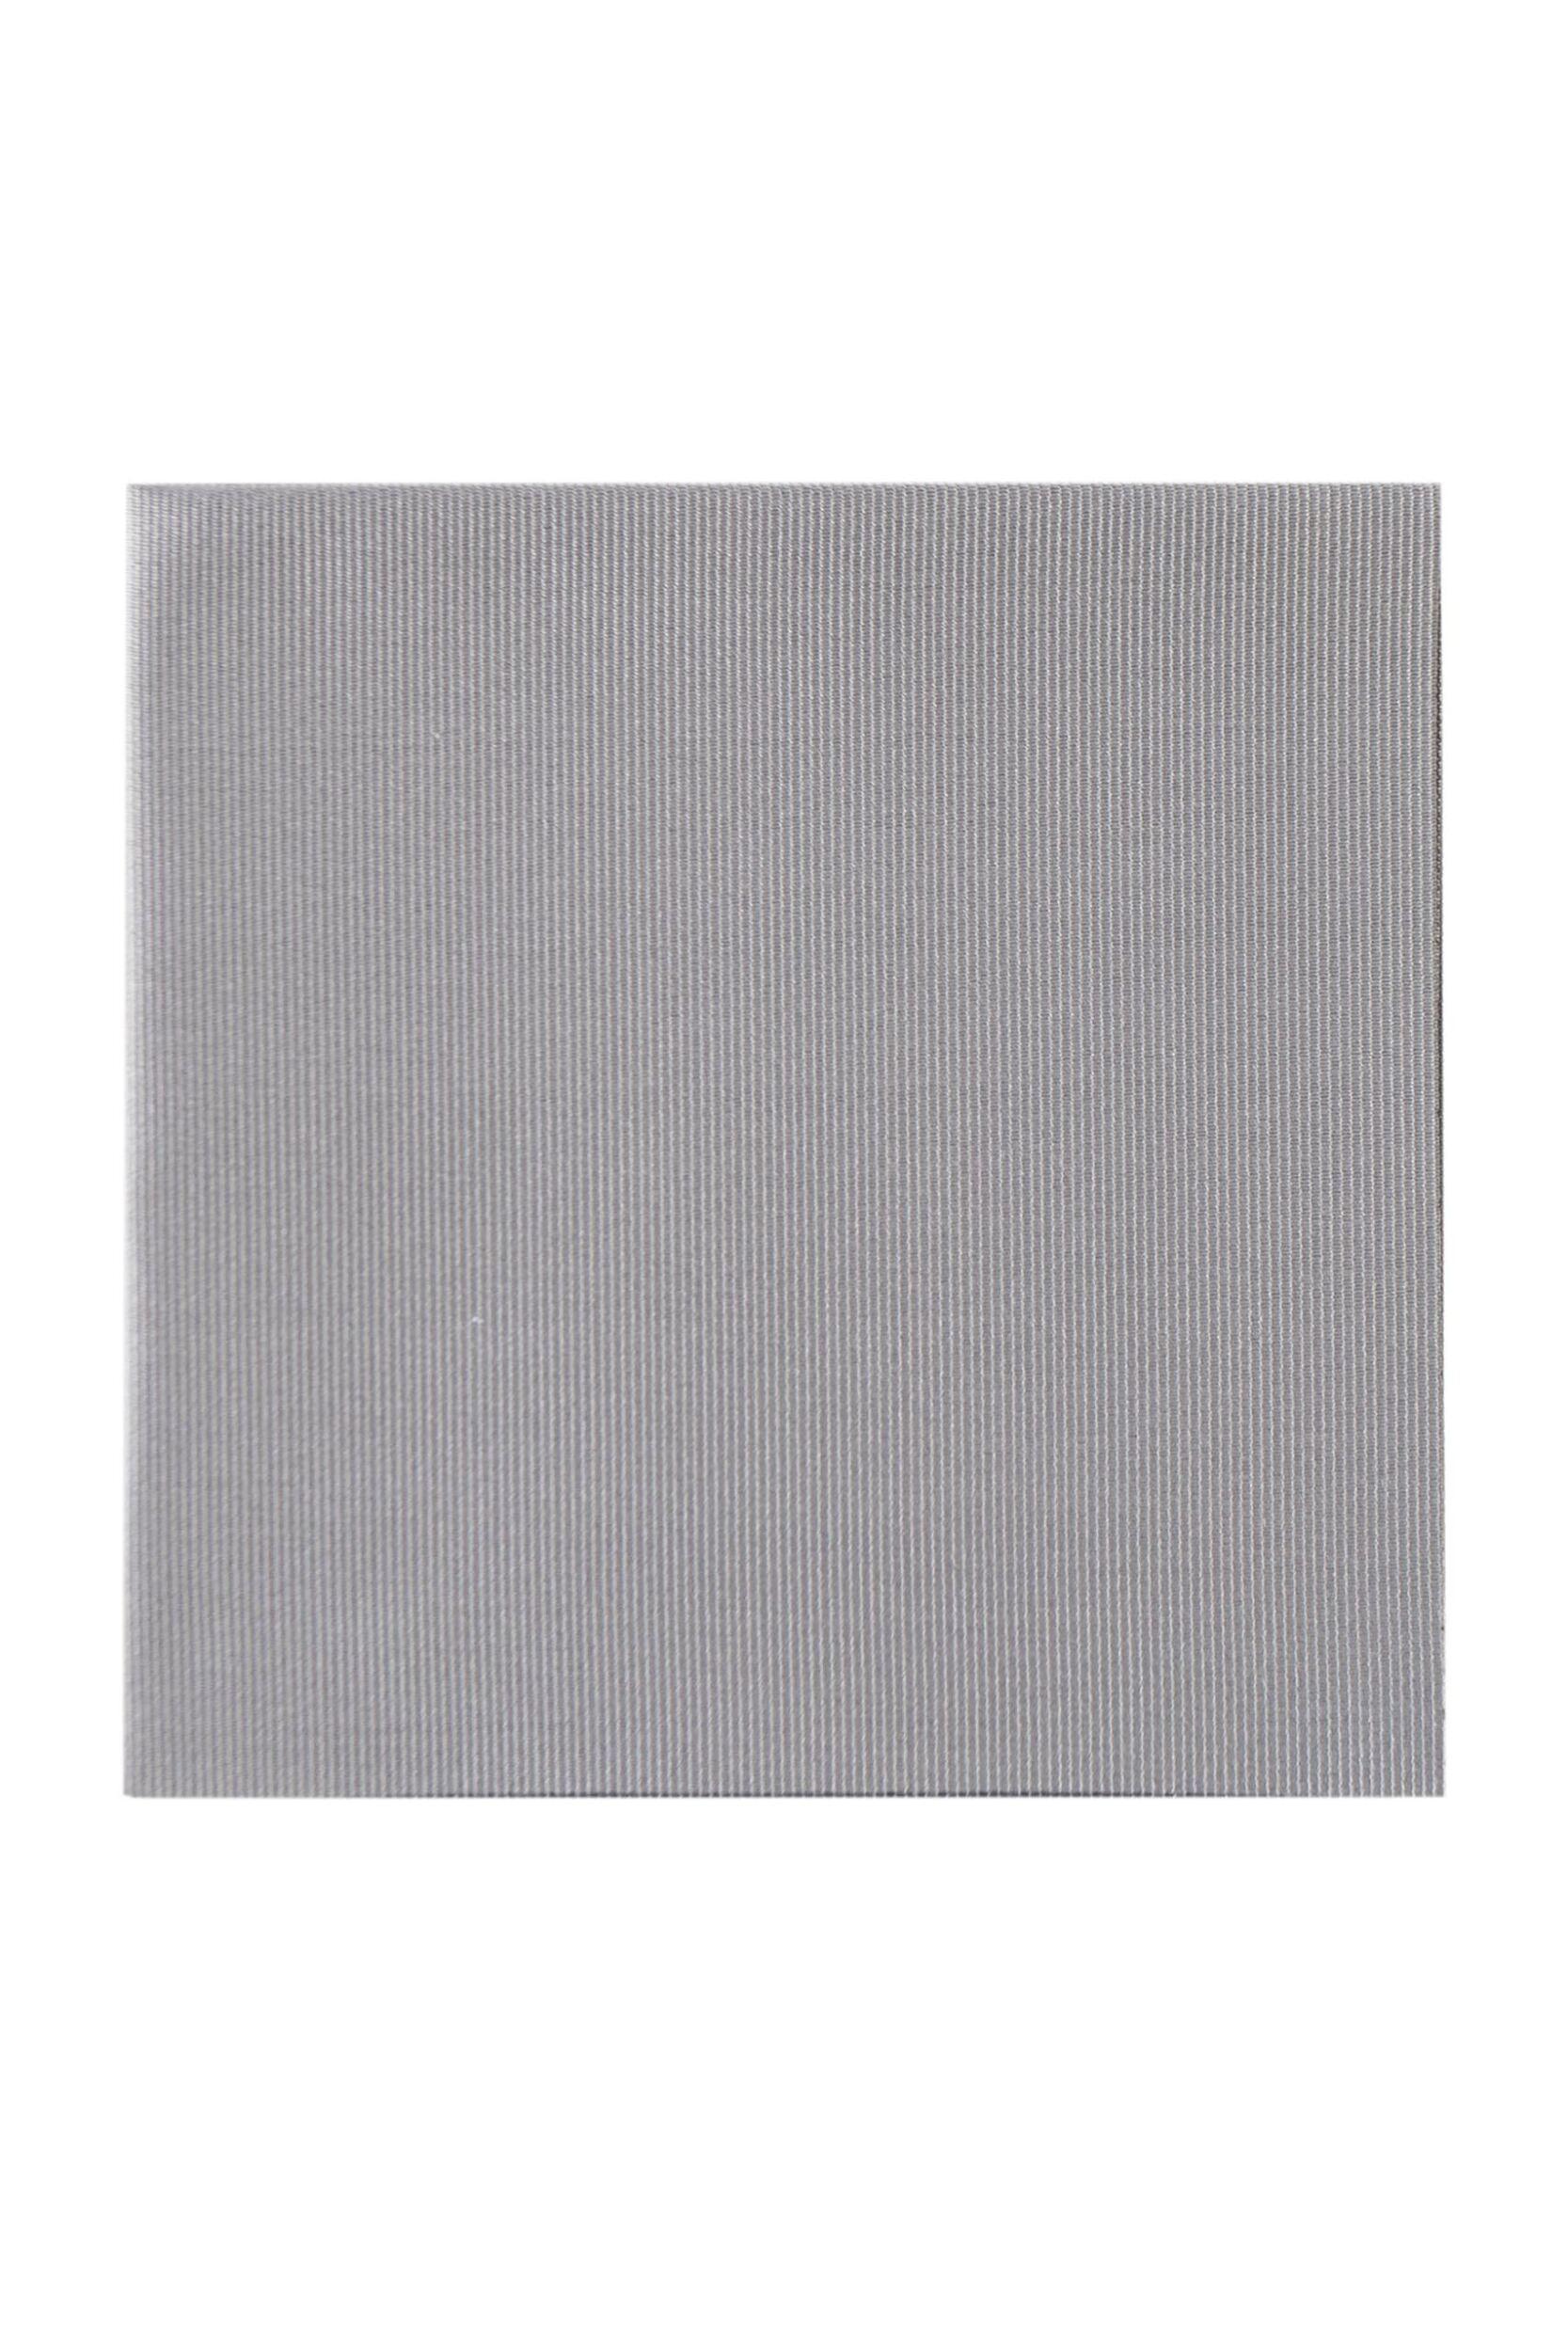 Image of Mens 1 Pack SockShop Colour Burst Pocket Square